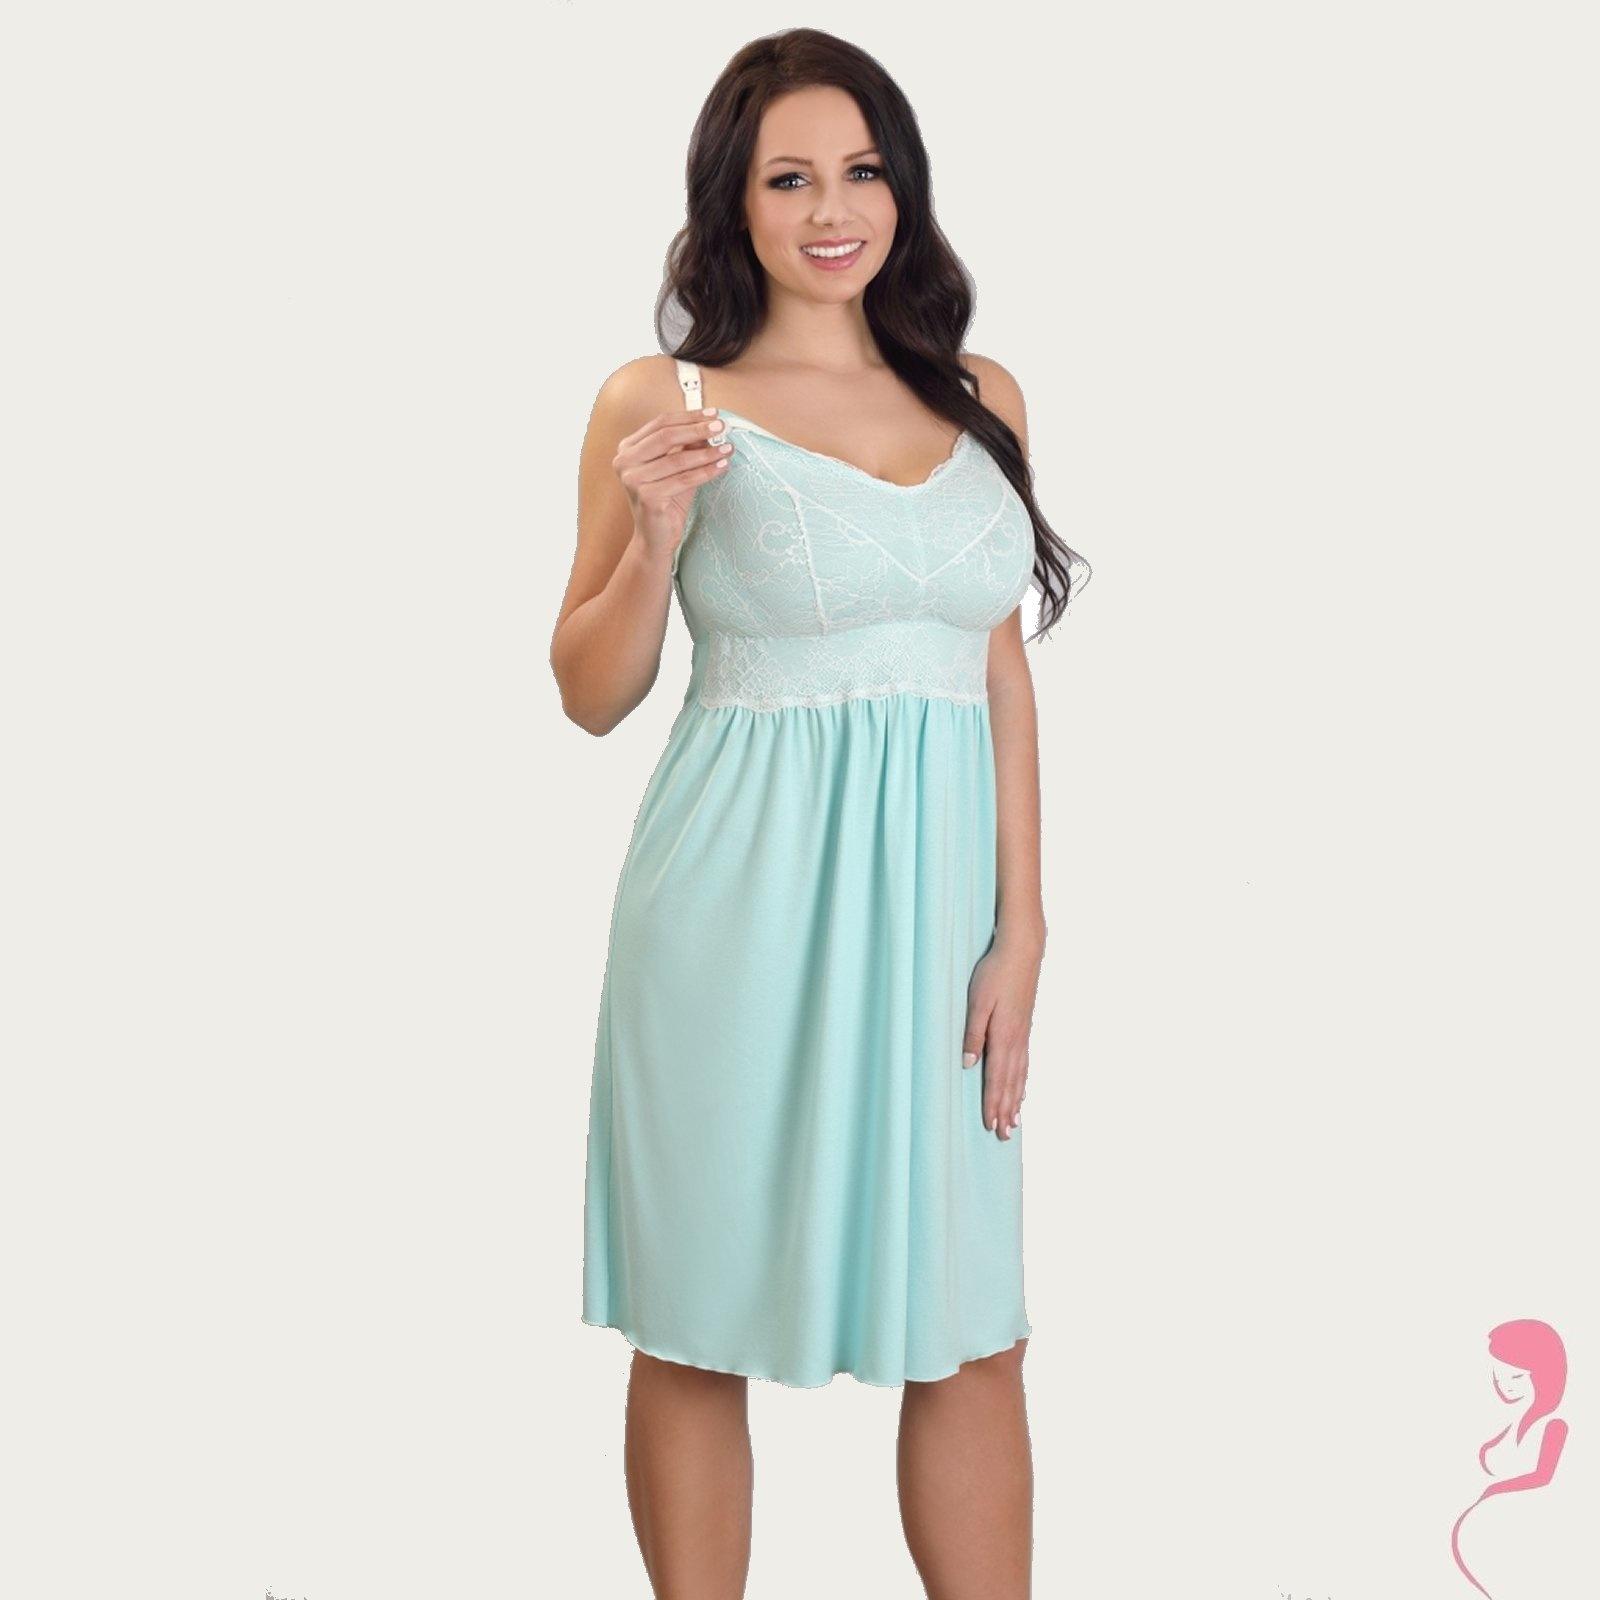 Lupoline Zwangerschapsjurk - Voedingsjurk Pretty Ocean Blue